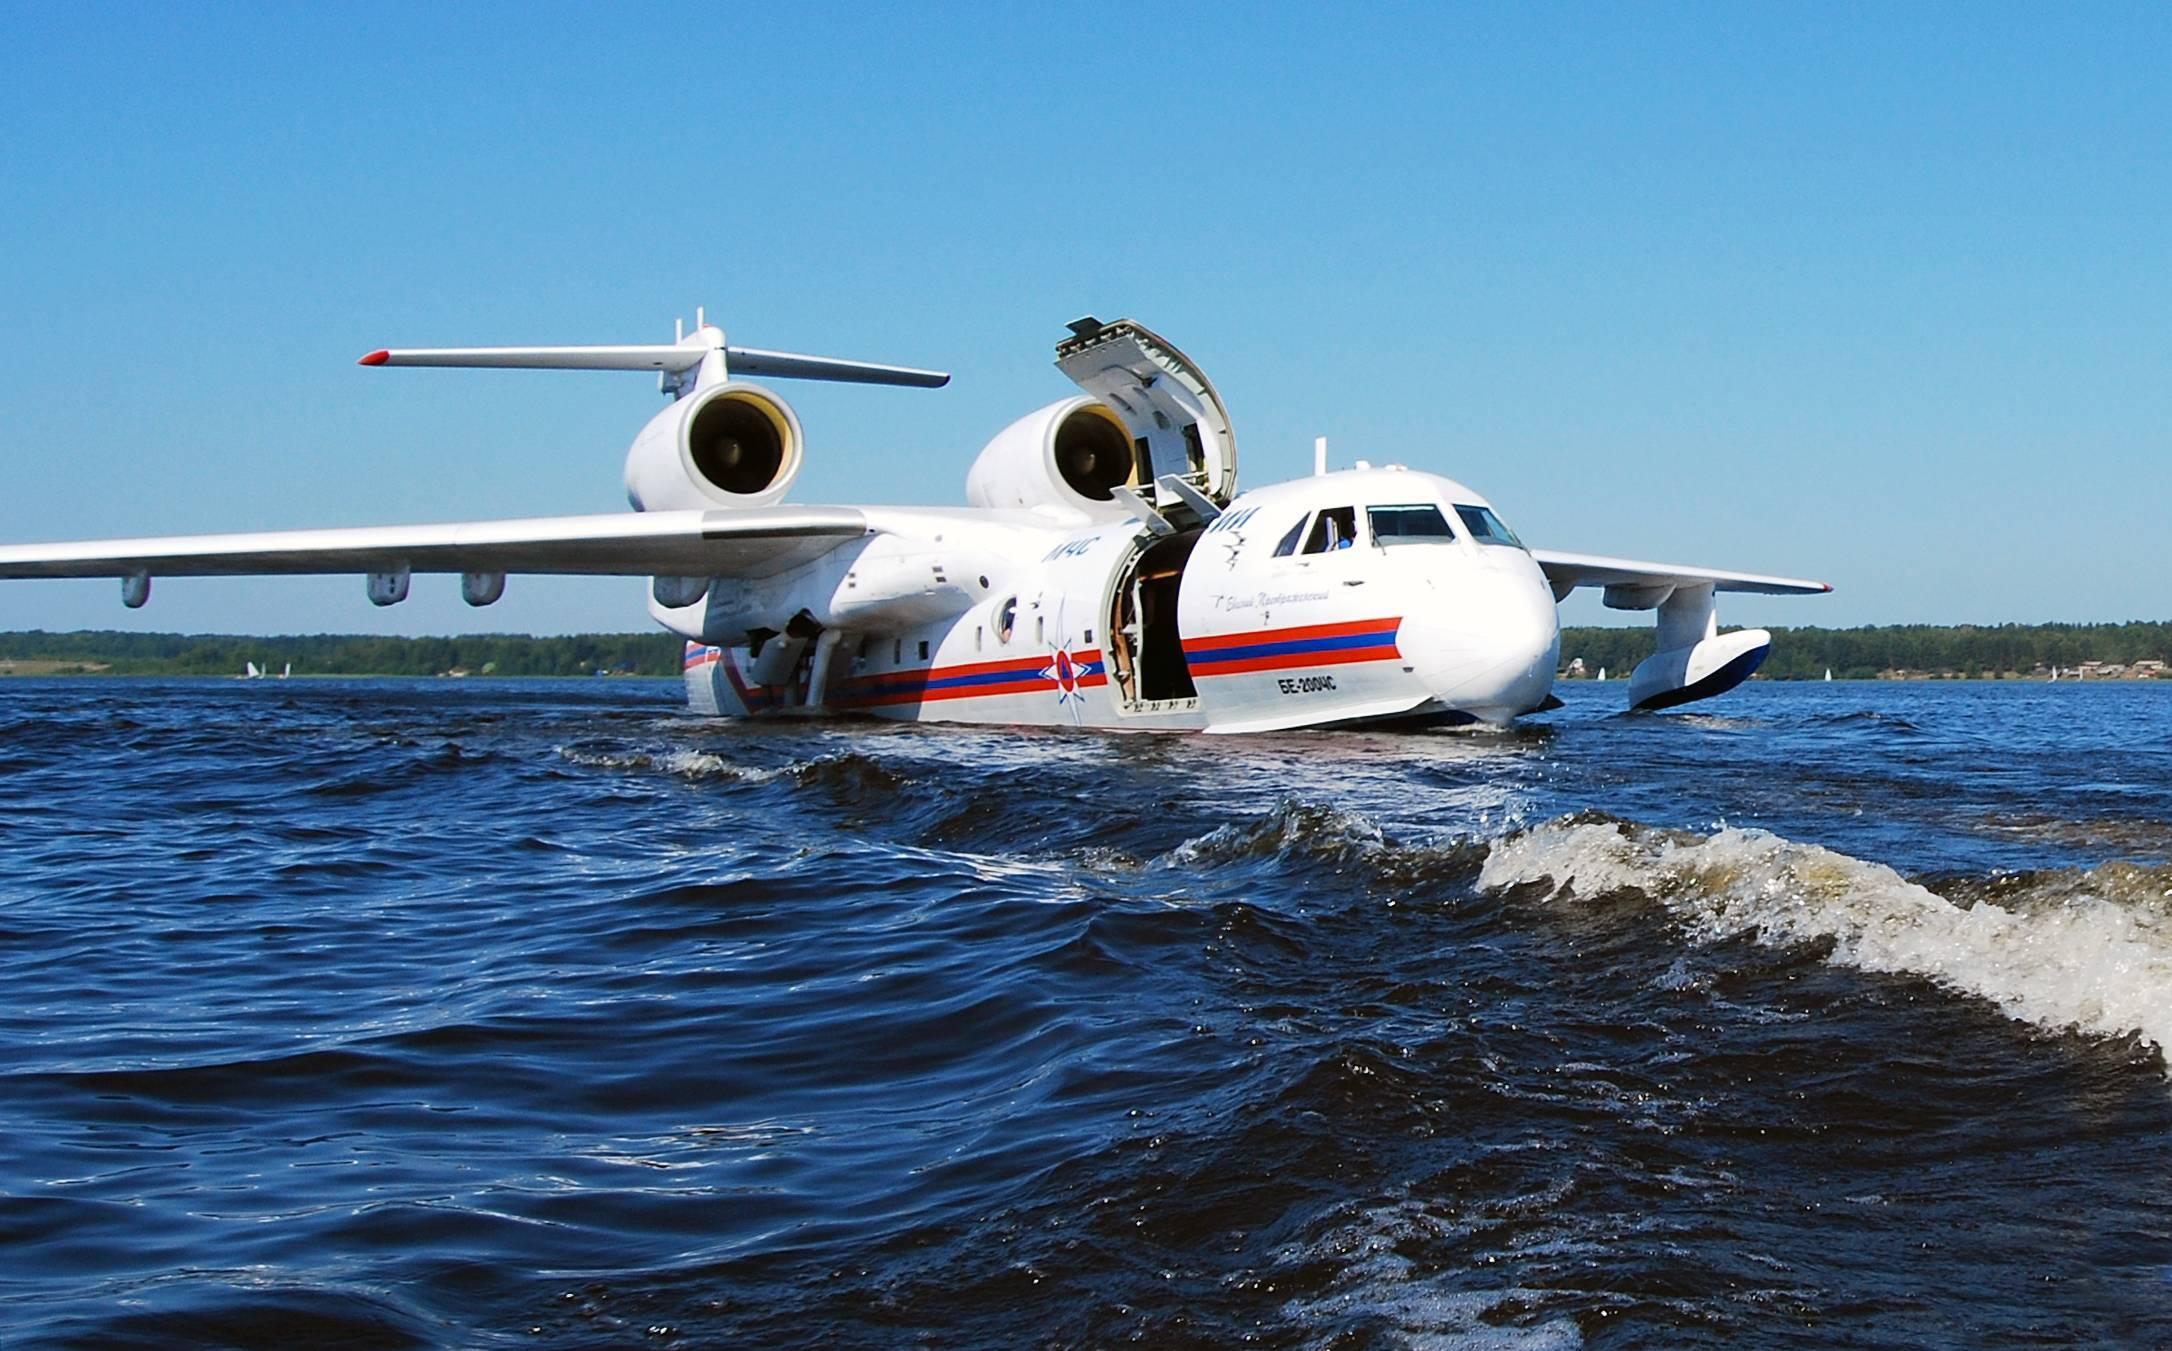 Российский самолет-амфибия бе-200 чс показали после модернизации — российская газета